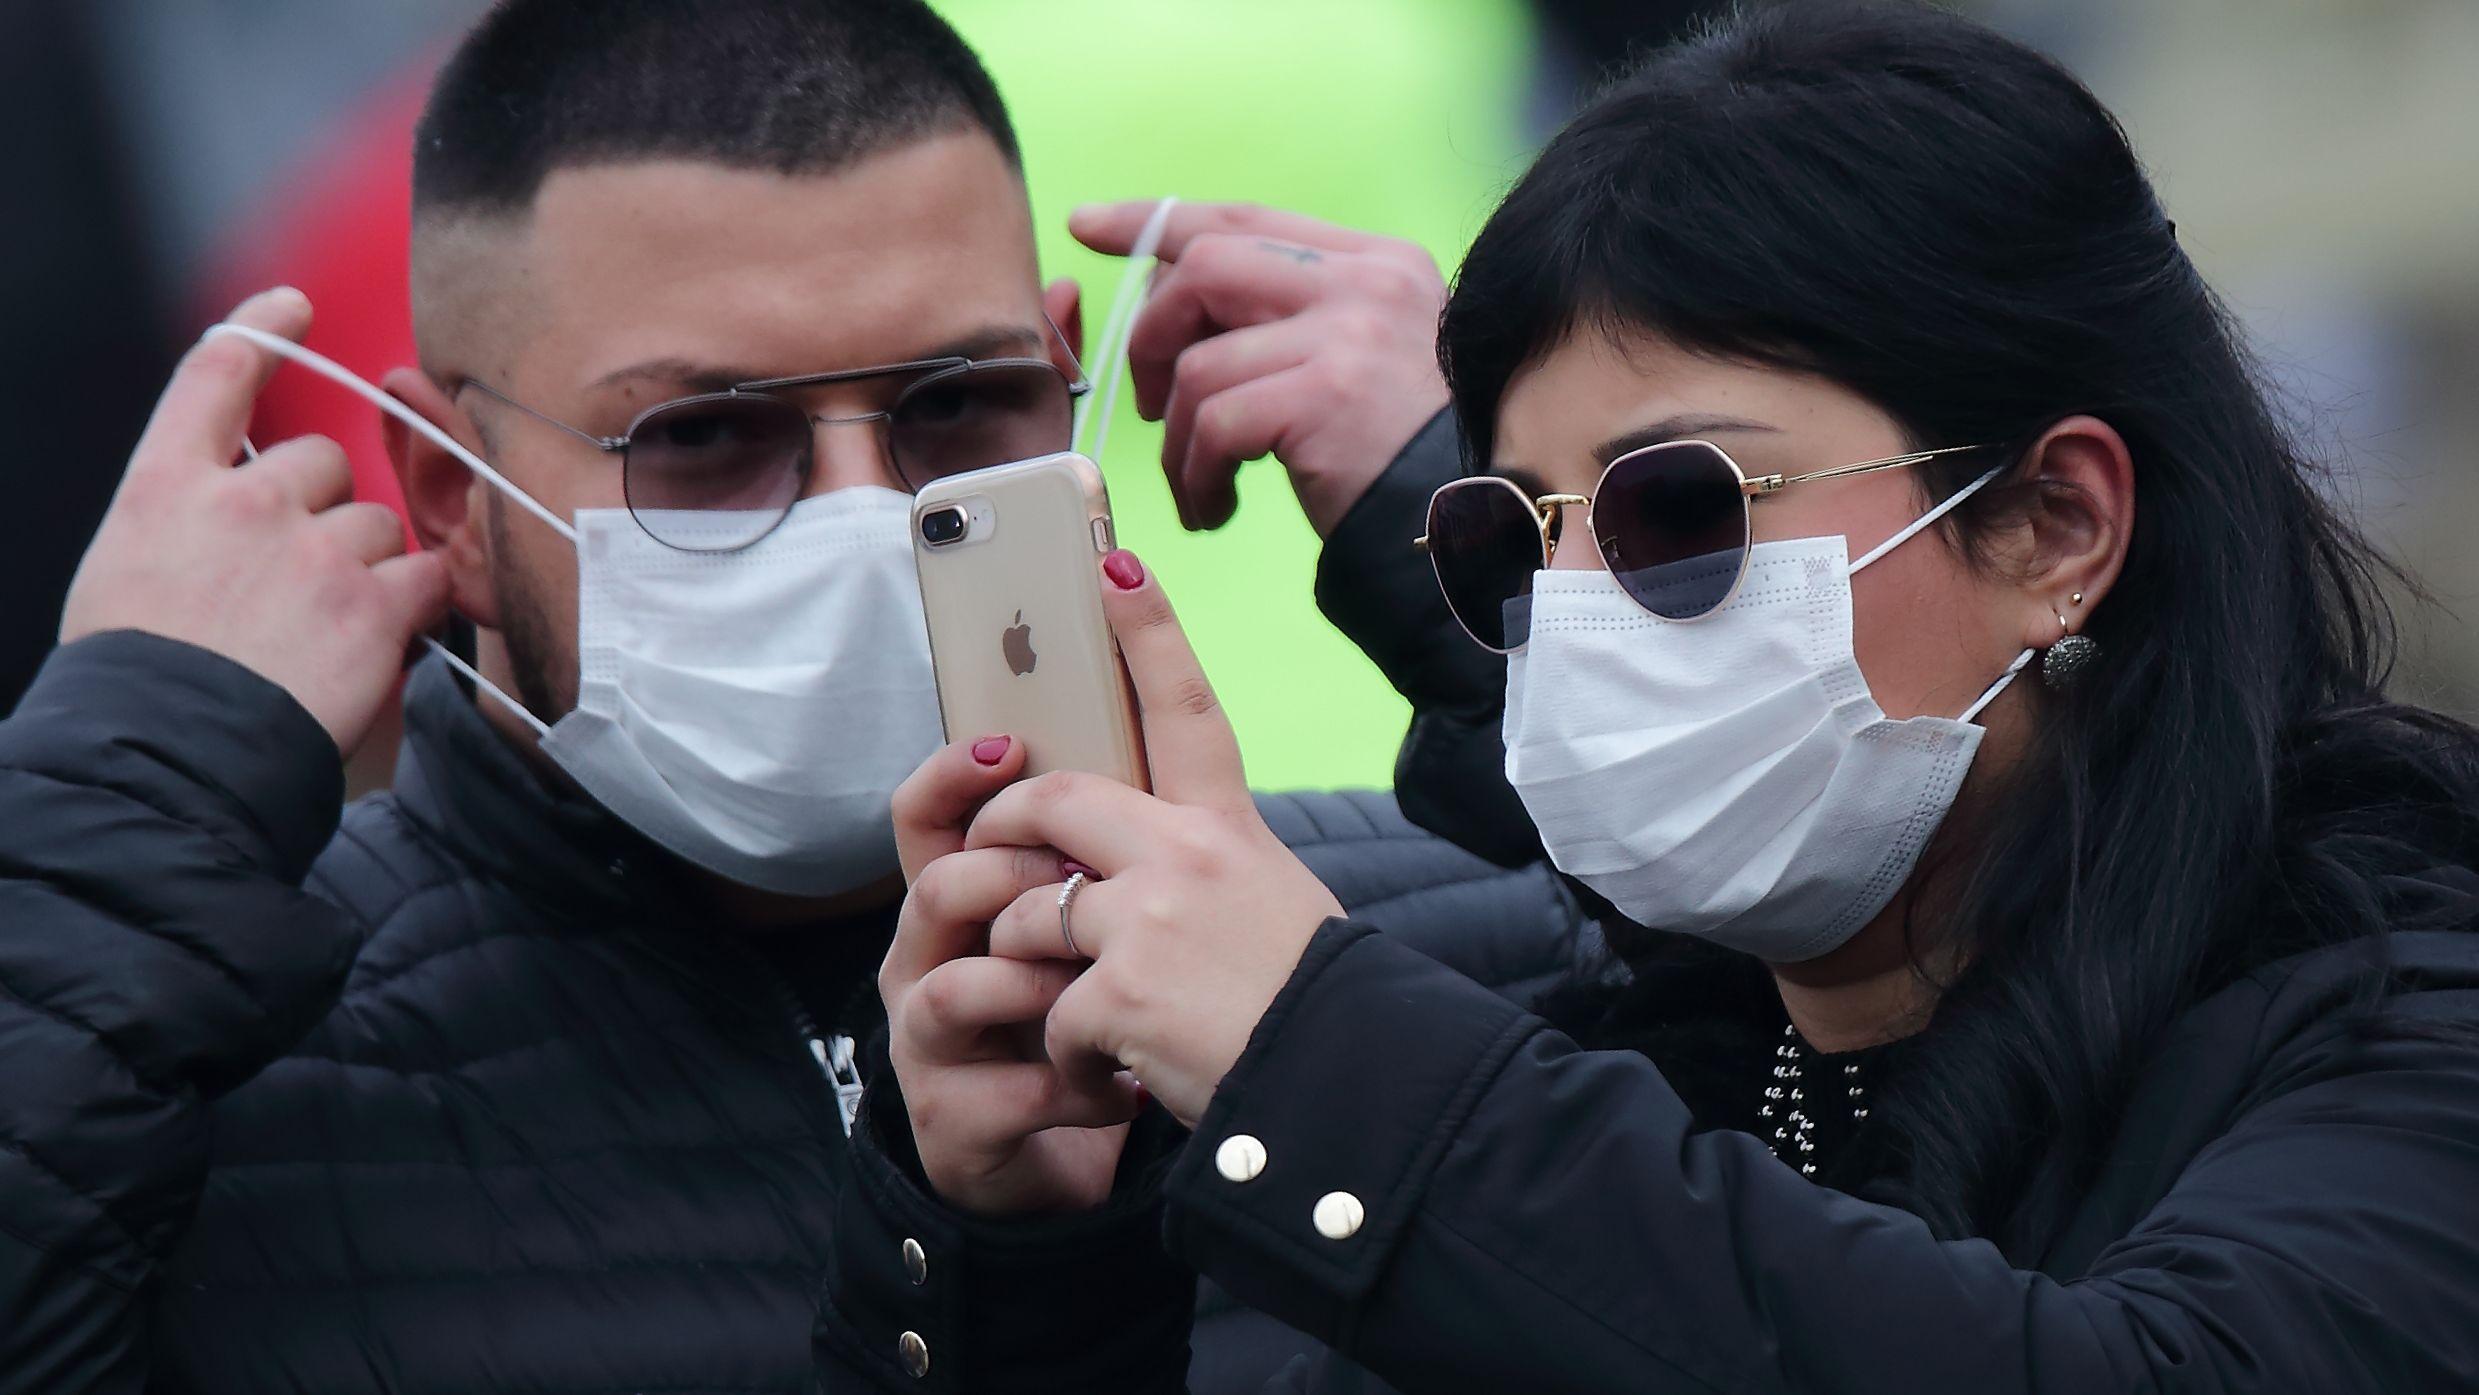 Auch in Zeiten des Coronavirus bleiben Smartphone und damit auch soziale Medien allgegenwärtig.